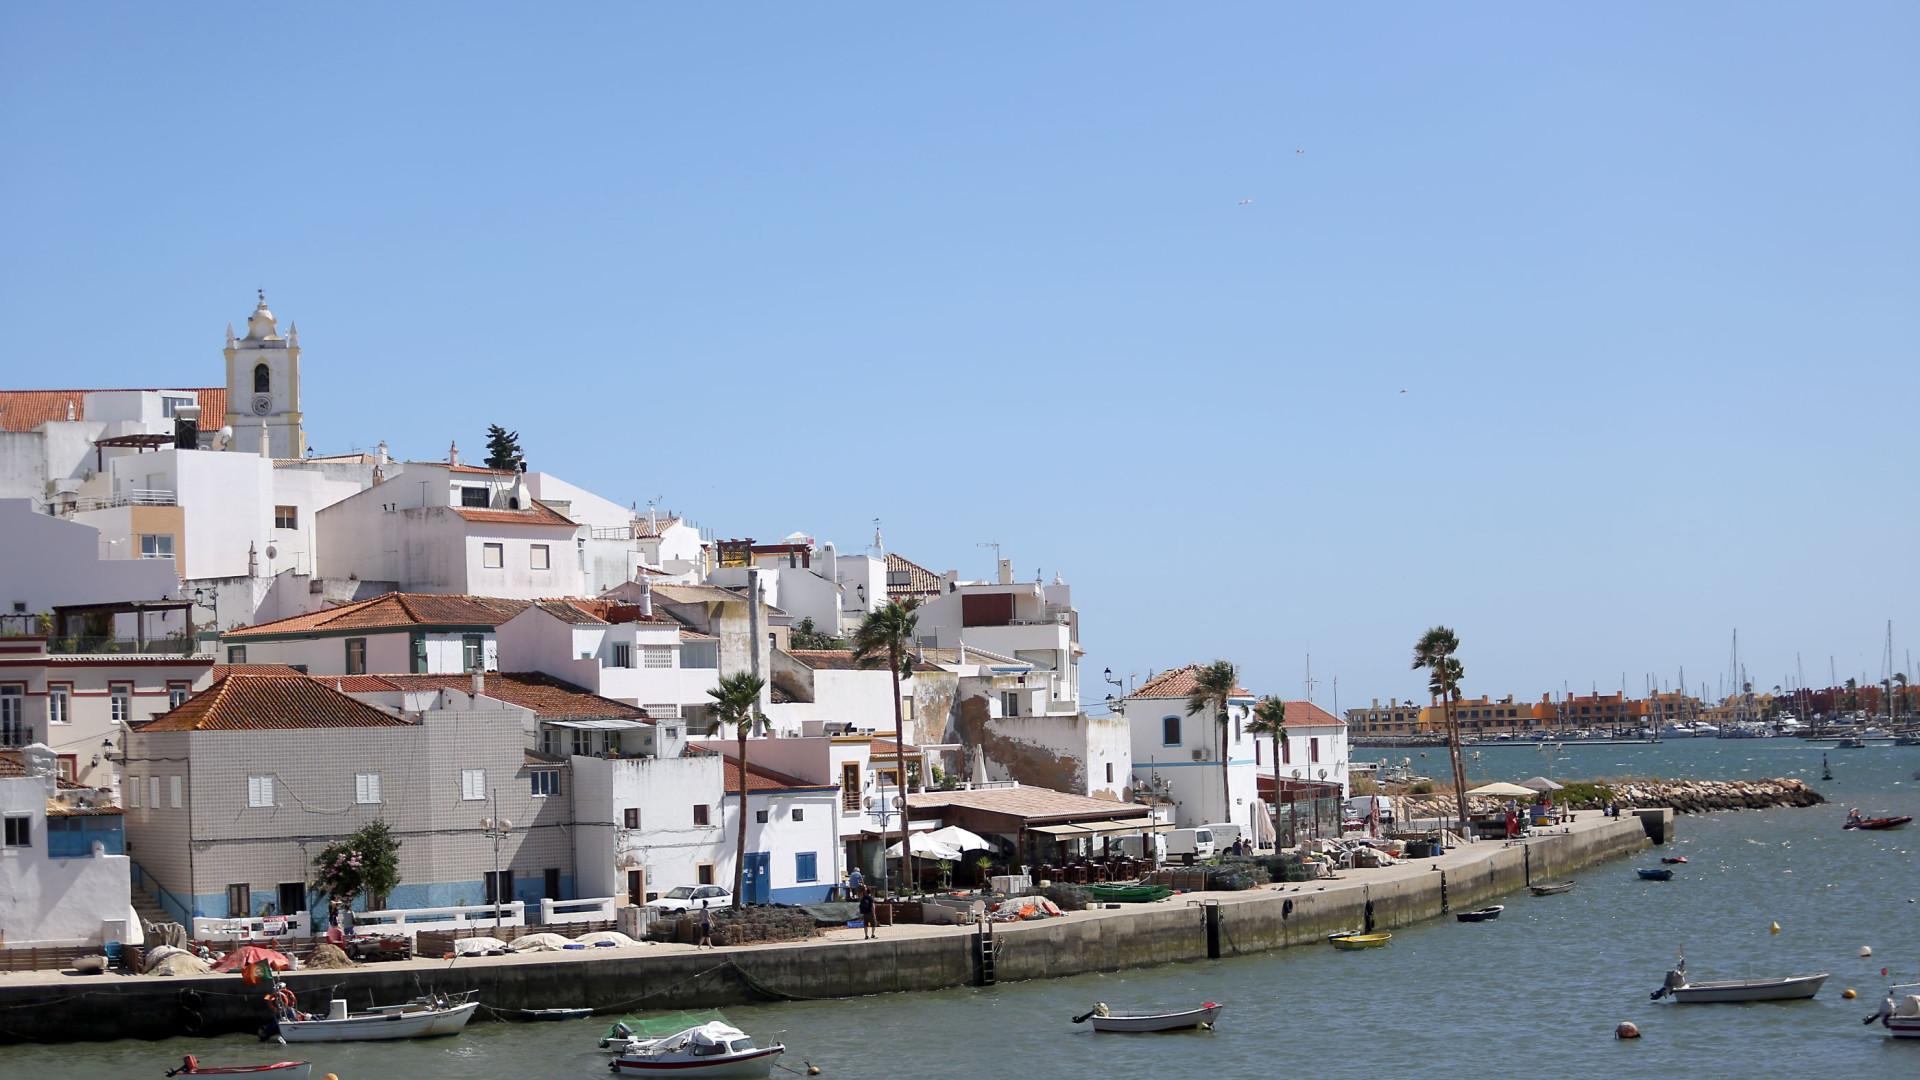 Lagoa recupera torre com 400 anos que alertava para saques de piratas